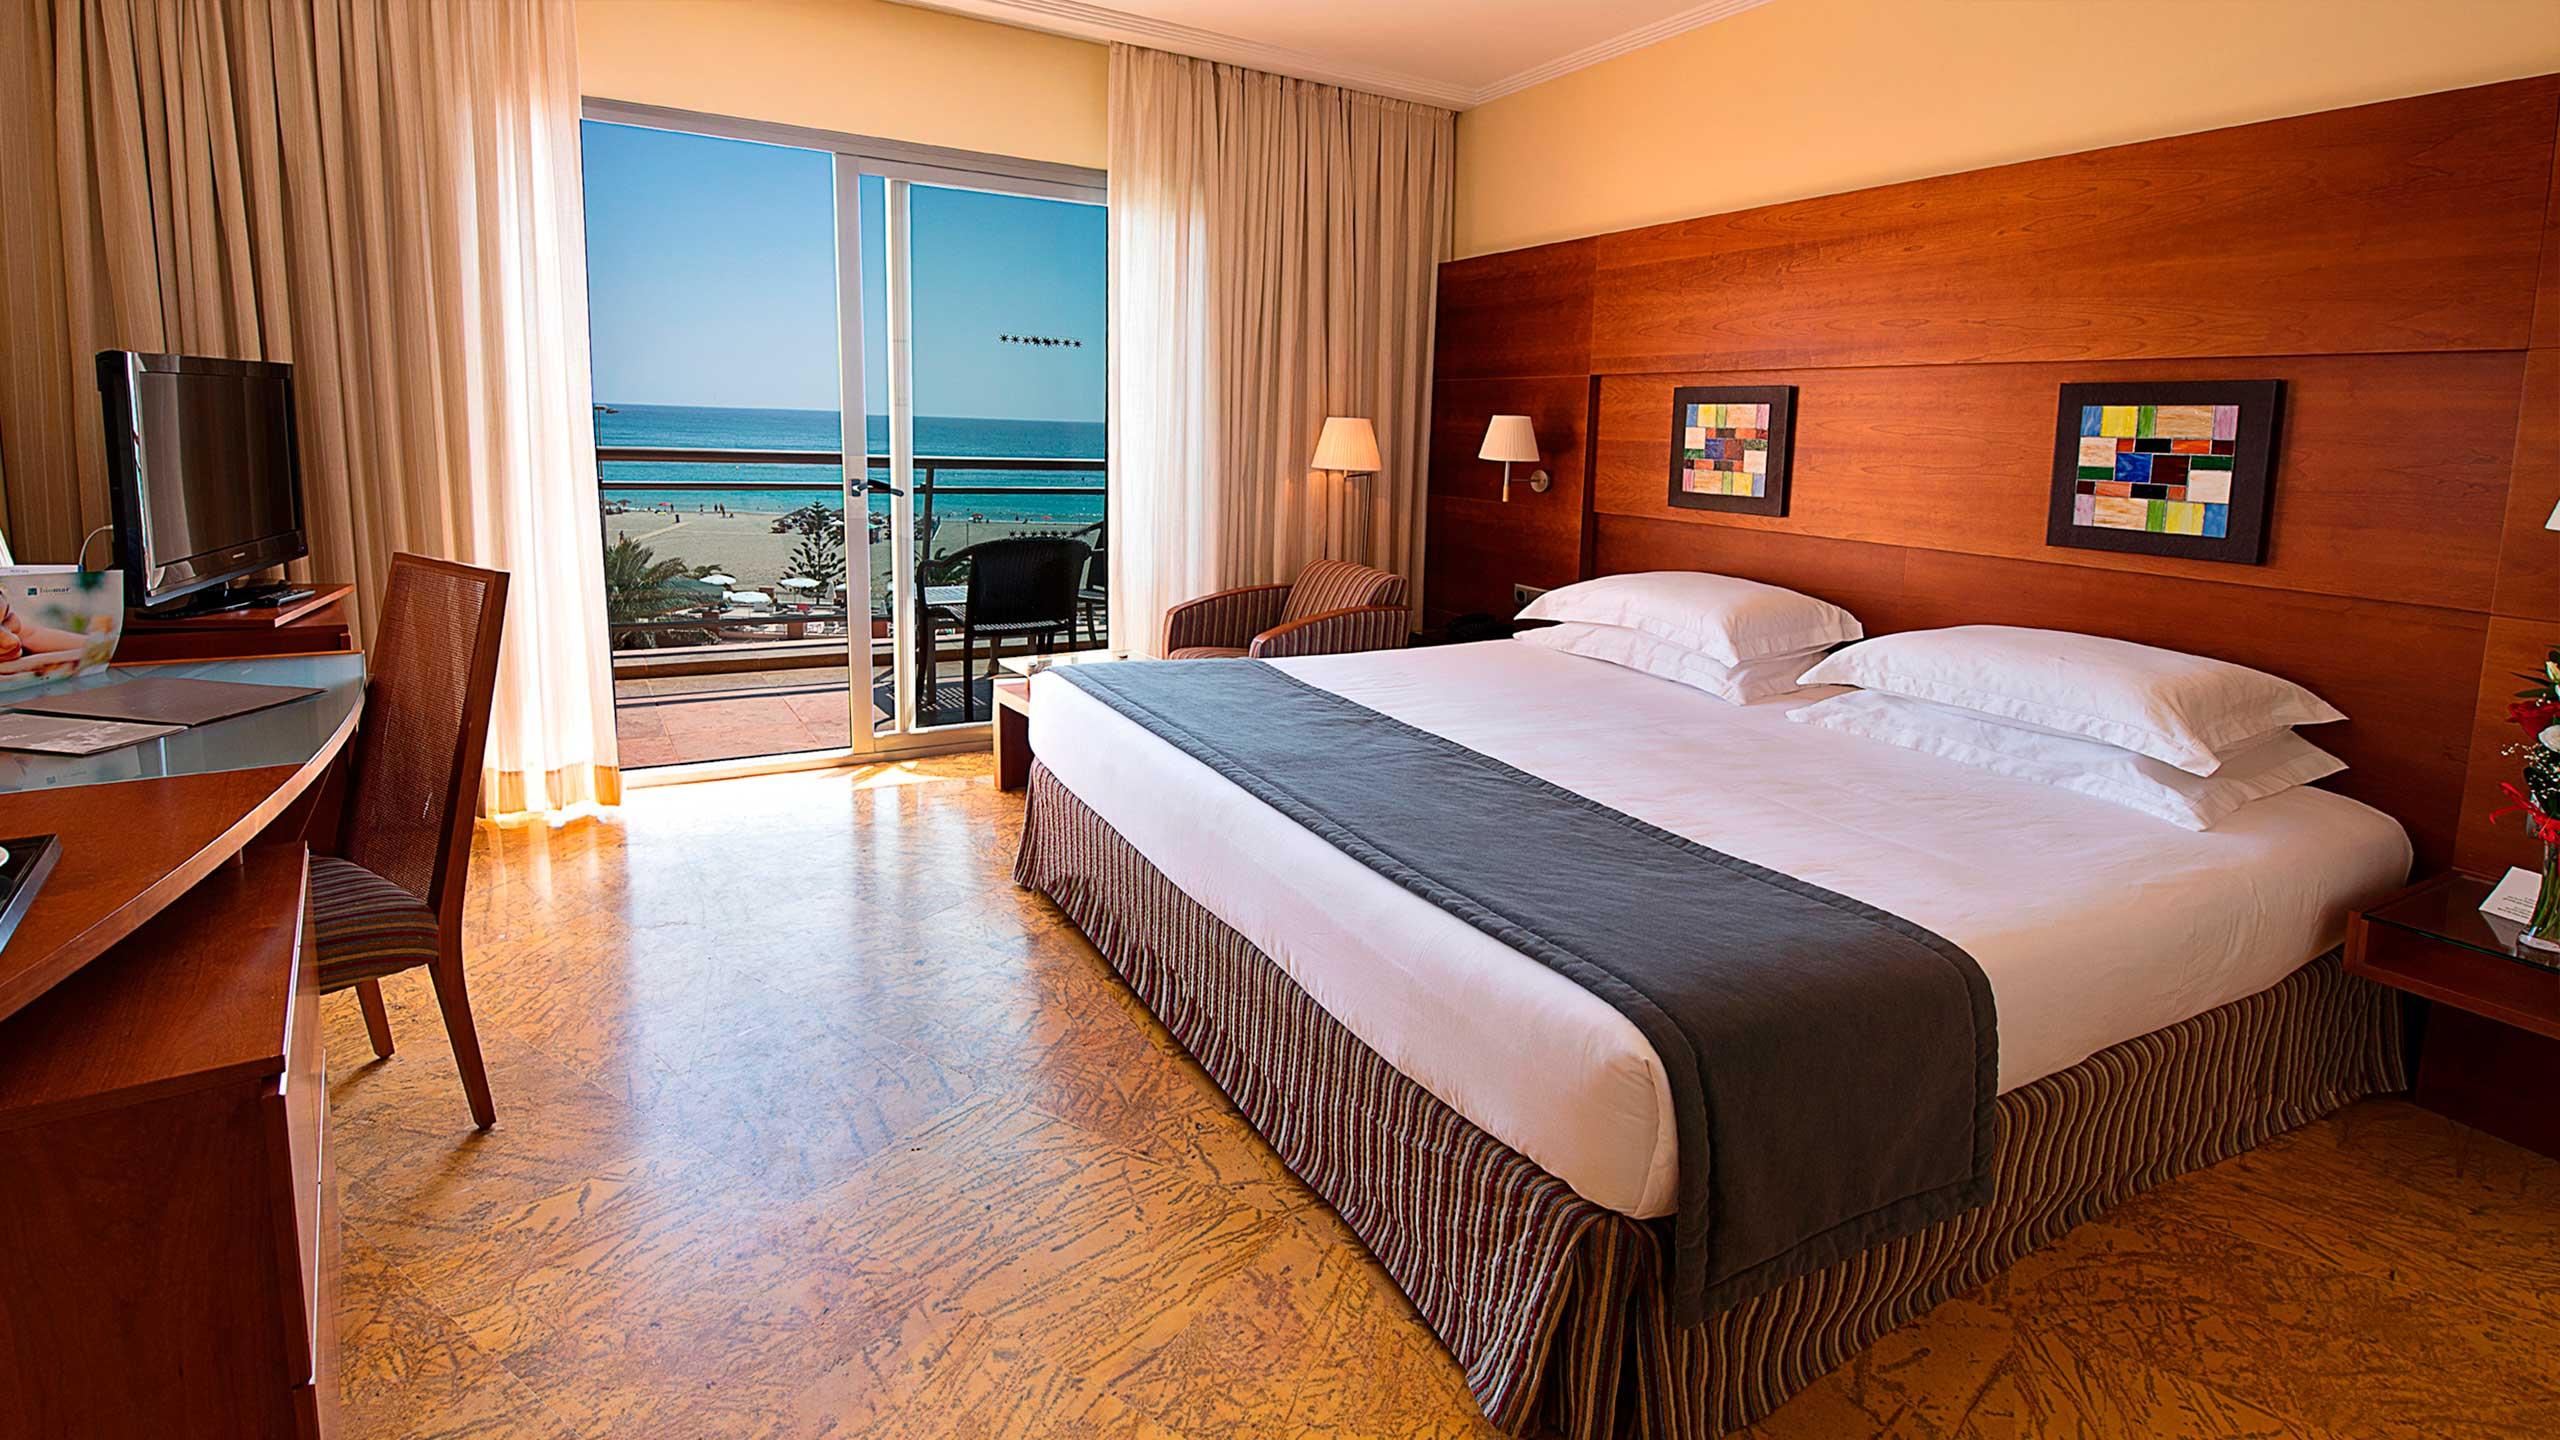 protur roquetas hotel spa en roquetas de mar almer a. Black Bedroom Furniture Sets. Home Design Ideas